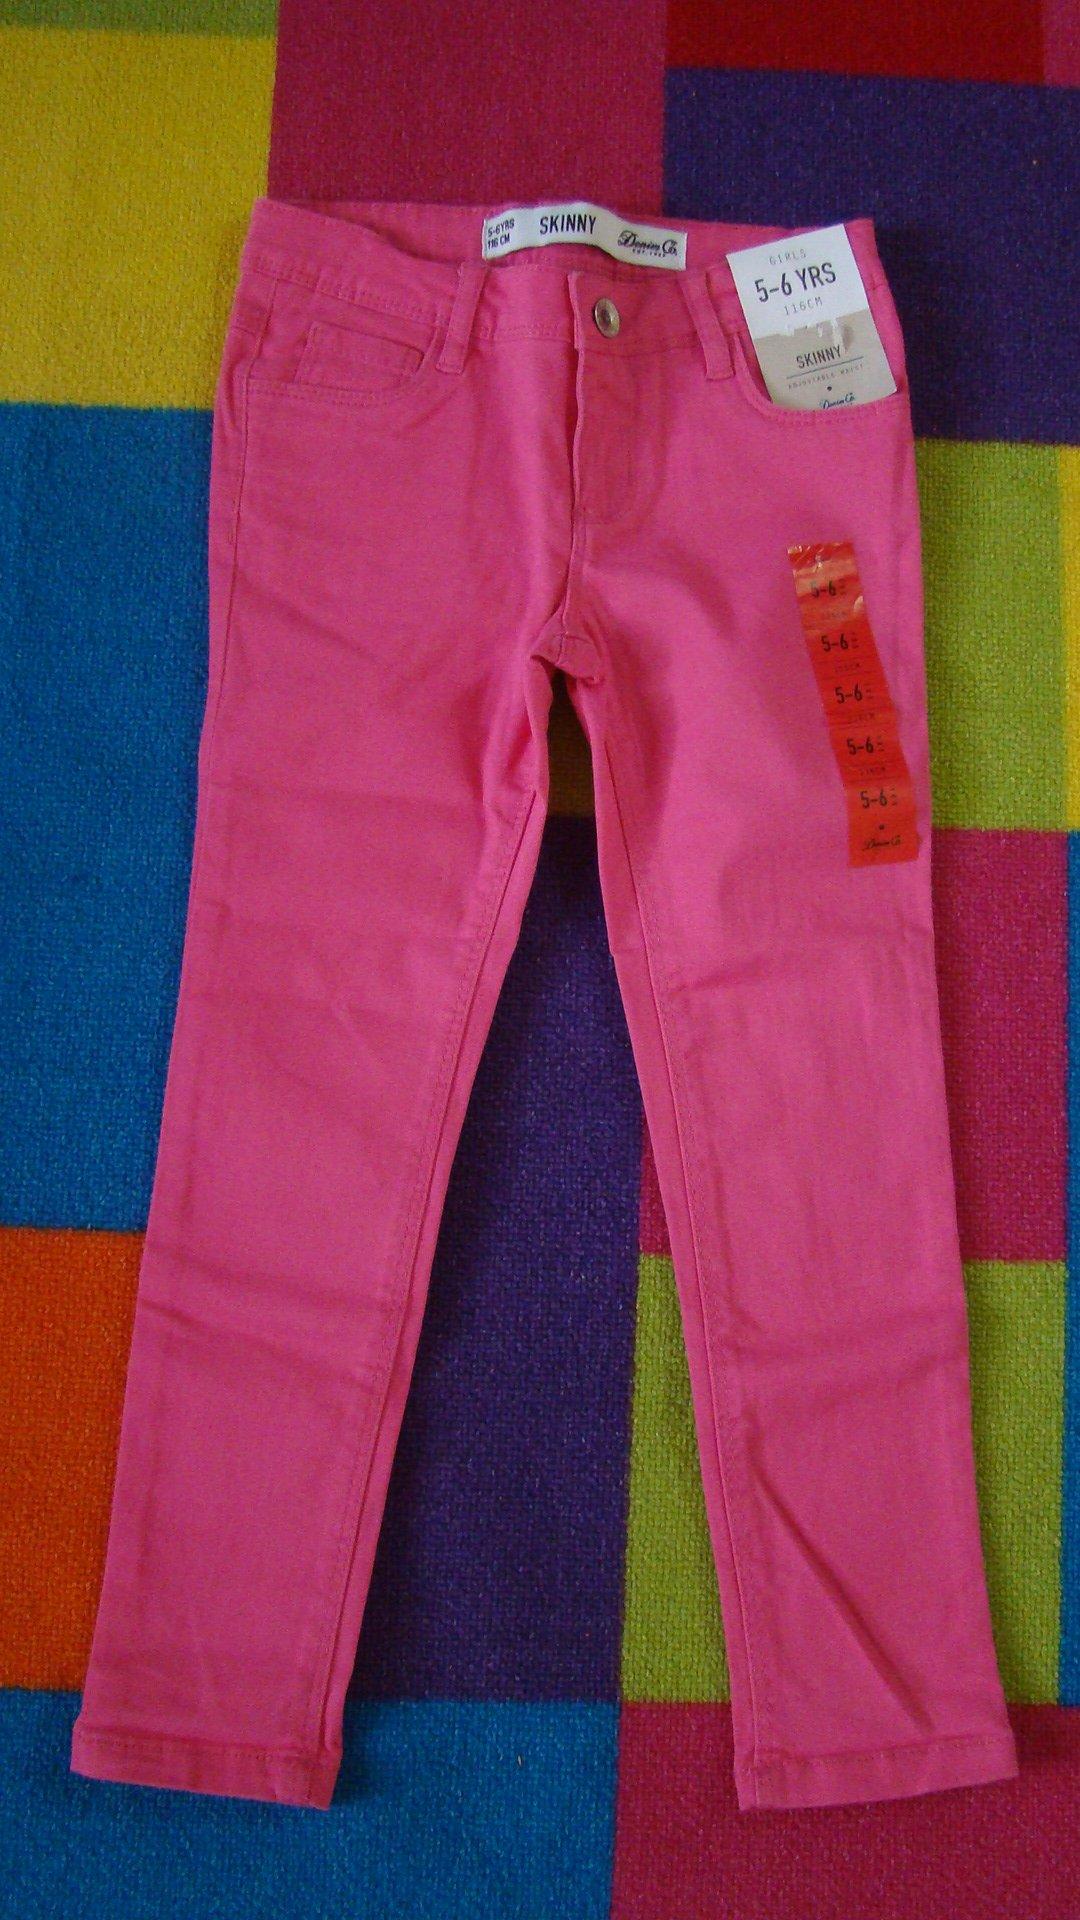 0474da767cc6af Denim Co spodnie dziewczęce SKINNY 110 4-5 lat - 7065502352 ...